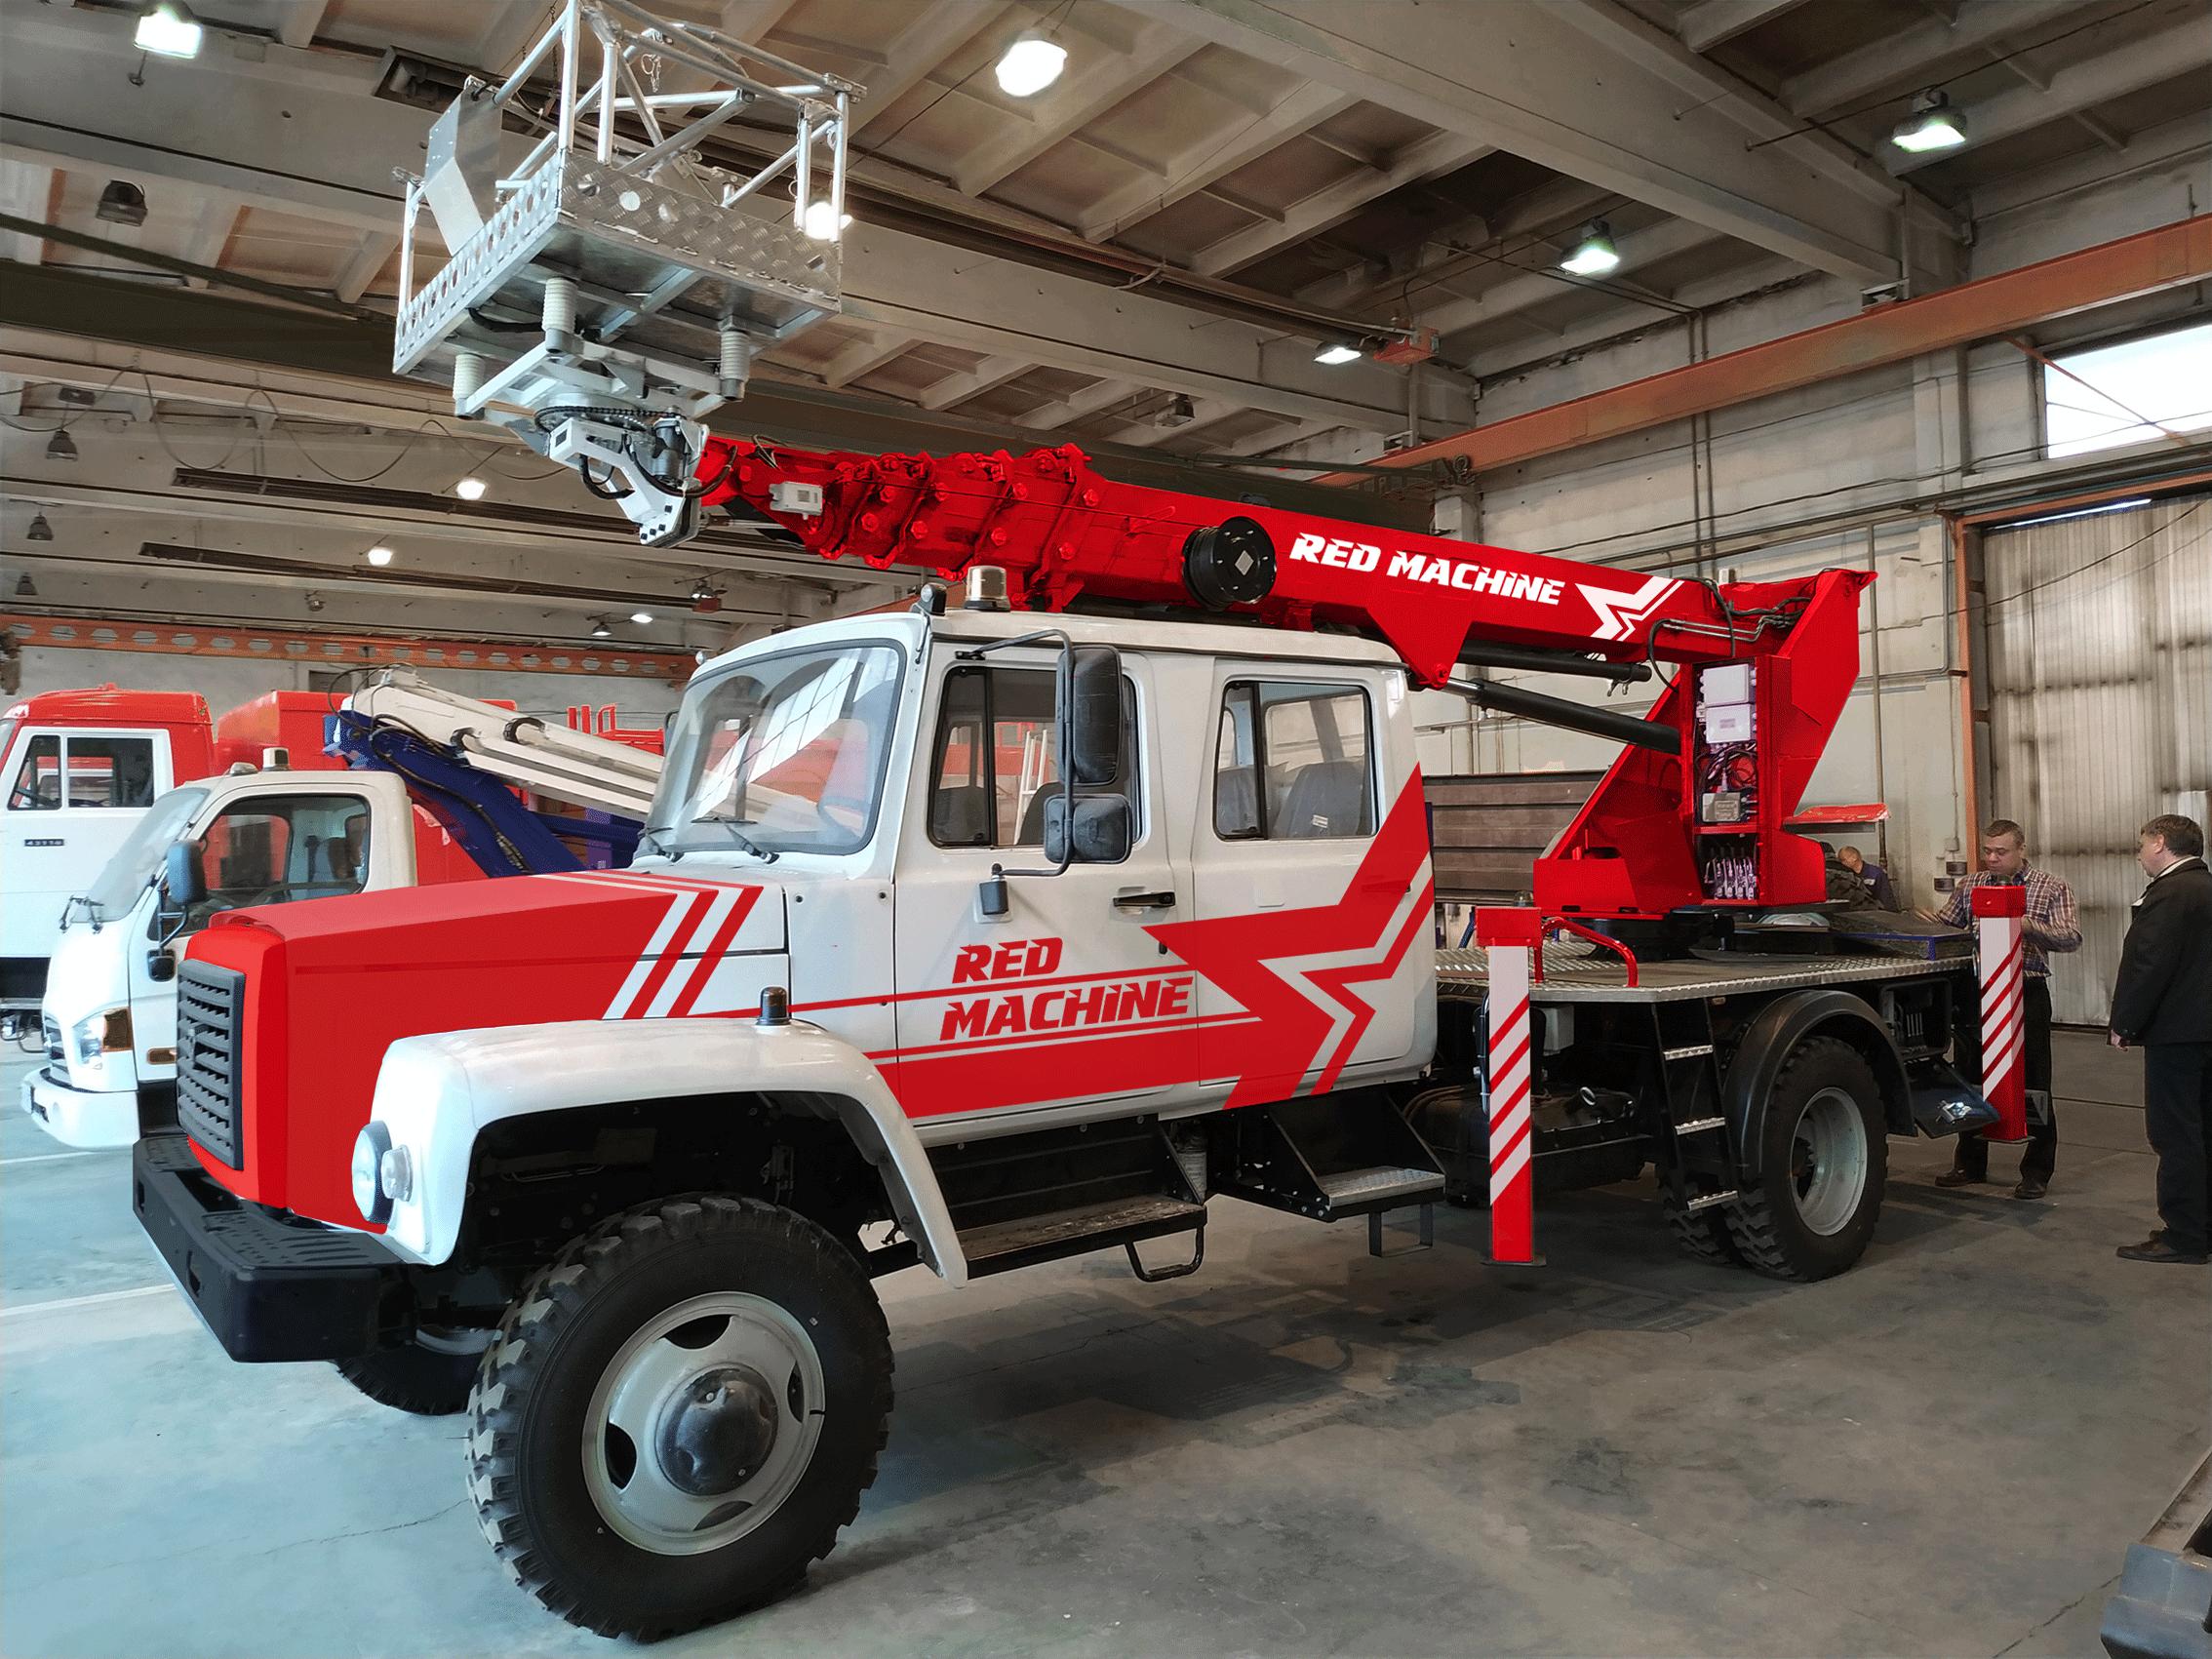 Оформление автогидроподъёмника,  бренд - RED MACHINE фото f_2825e1750a4249c0.png